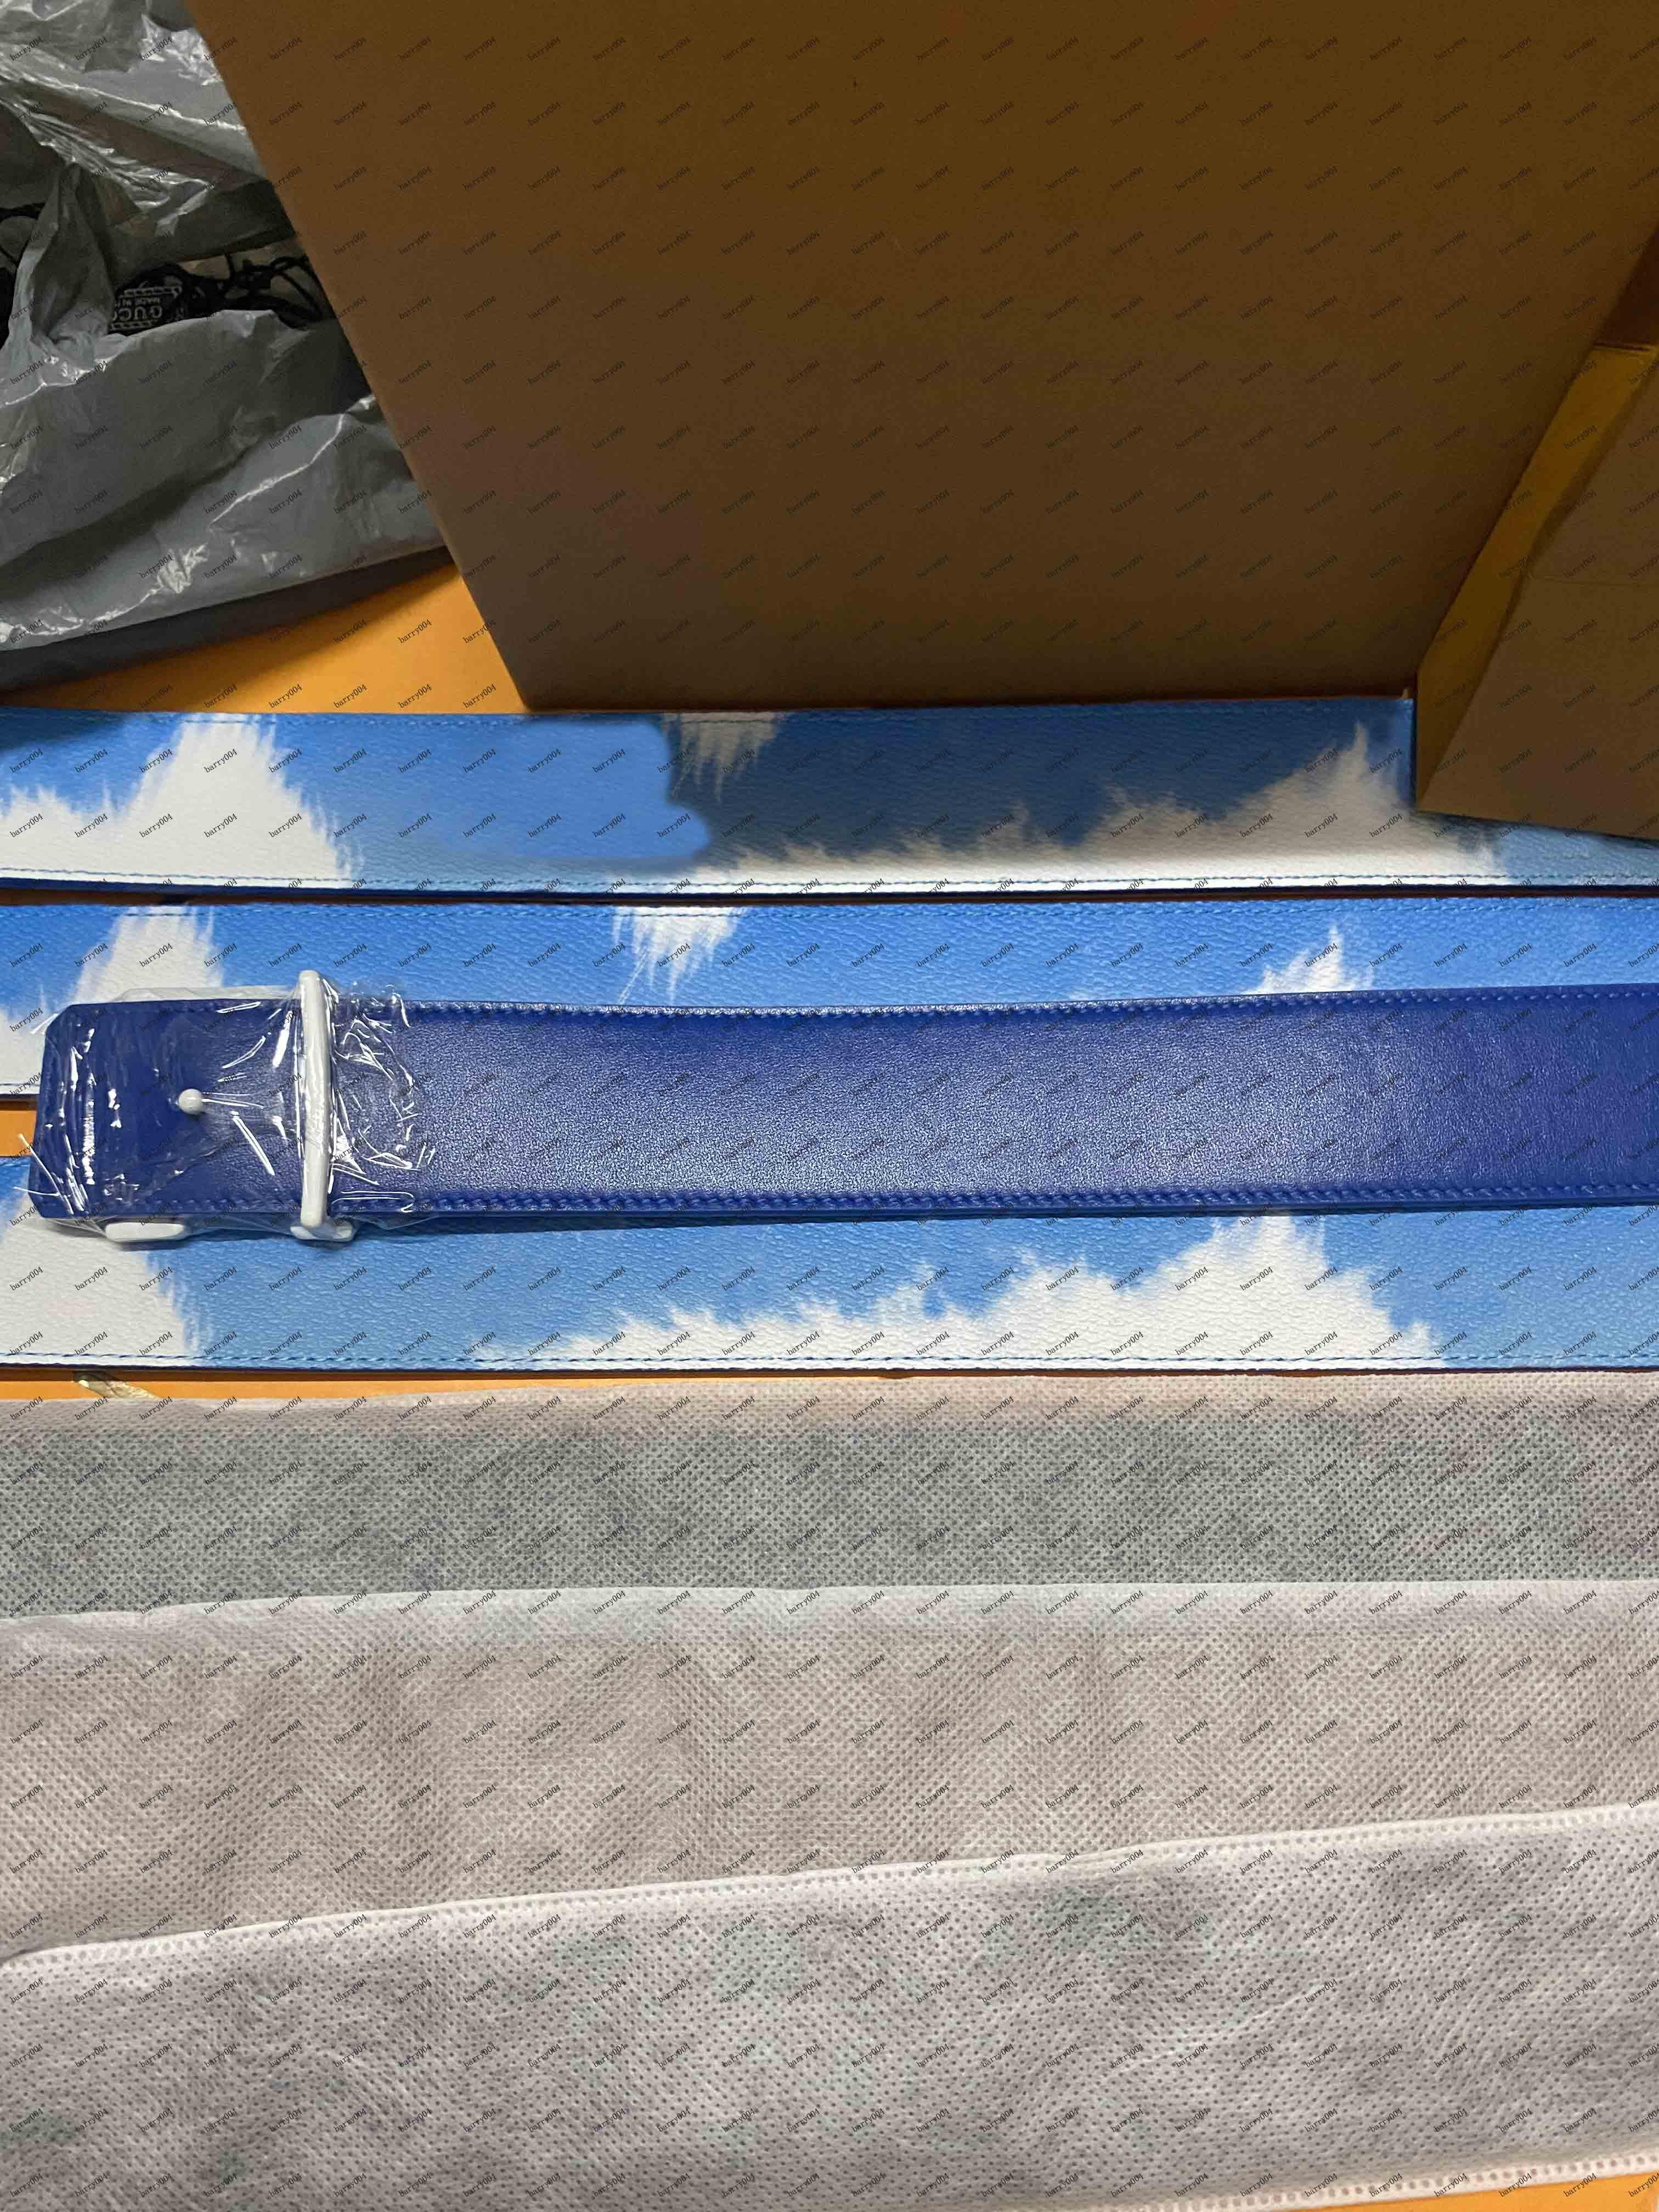 حزام للجنسين من المألوف W إيث السماء الزرقاء ونمط سحابة بيضاء، مشبك بأحرف كلاسيكية